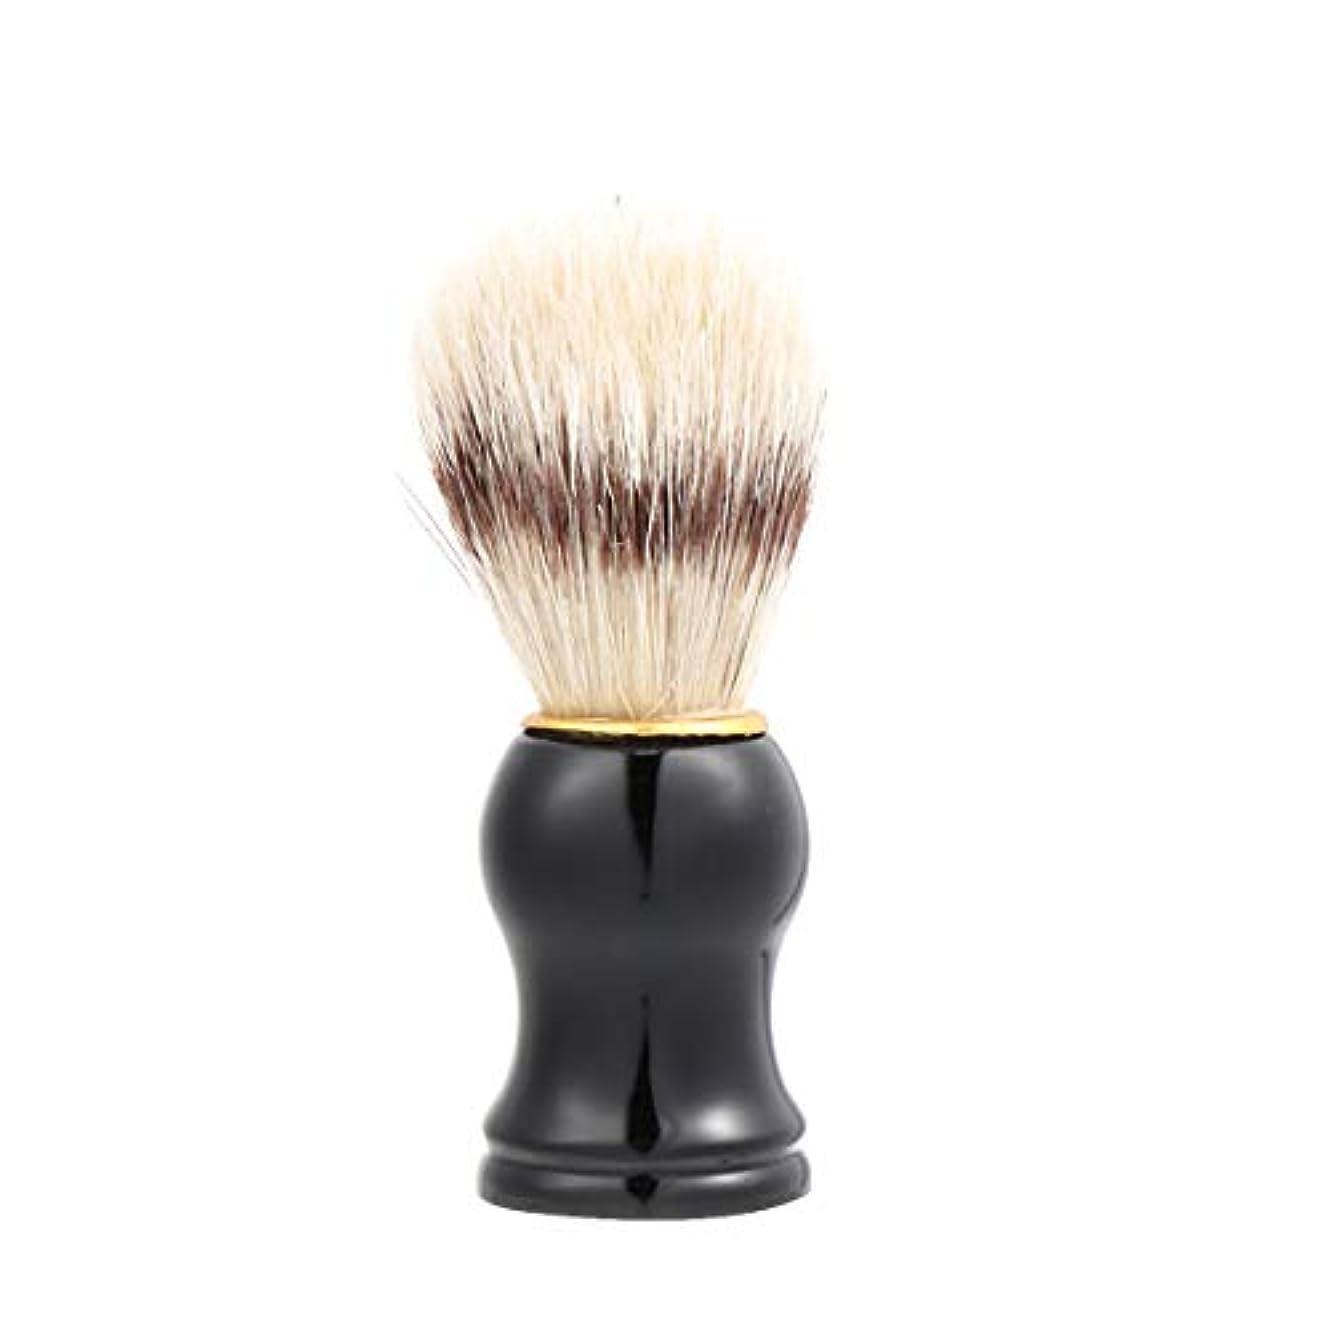 光認識導入するLurrose 男性の剃毛ブラシ 毛髭ひげ 剃毛ブラシ ソフト フェイシャルケア ヘアクレンジングブラシ